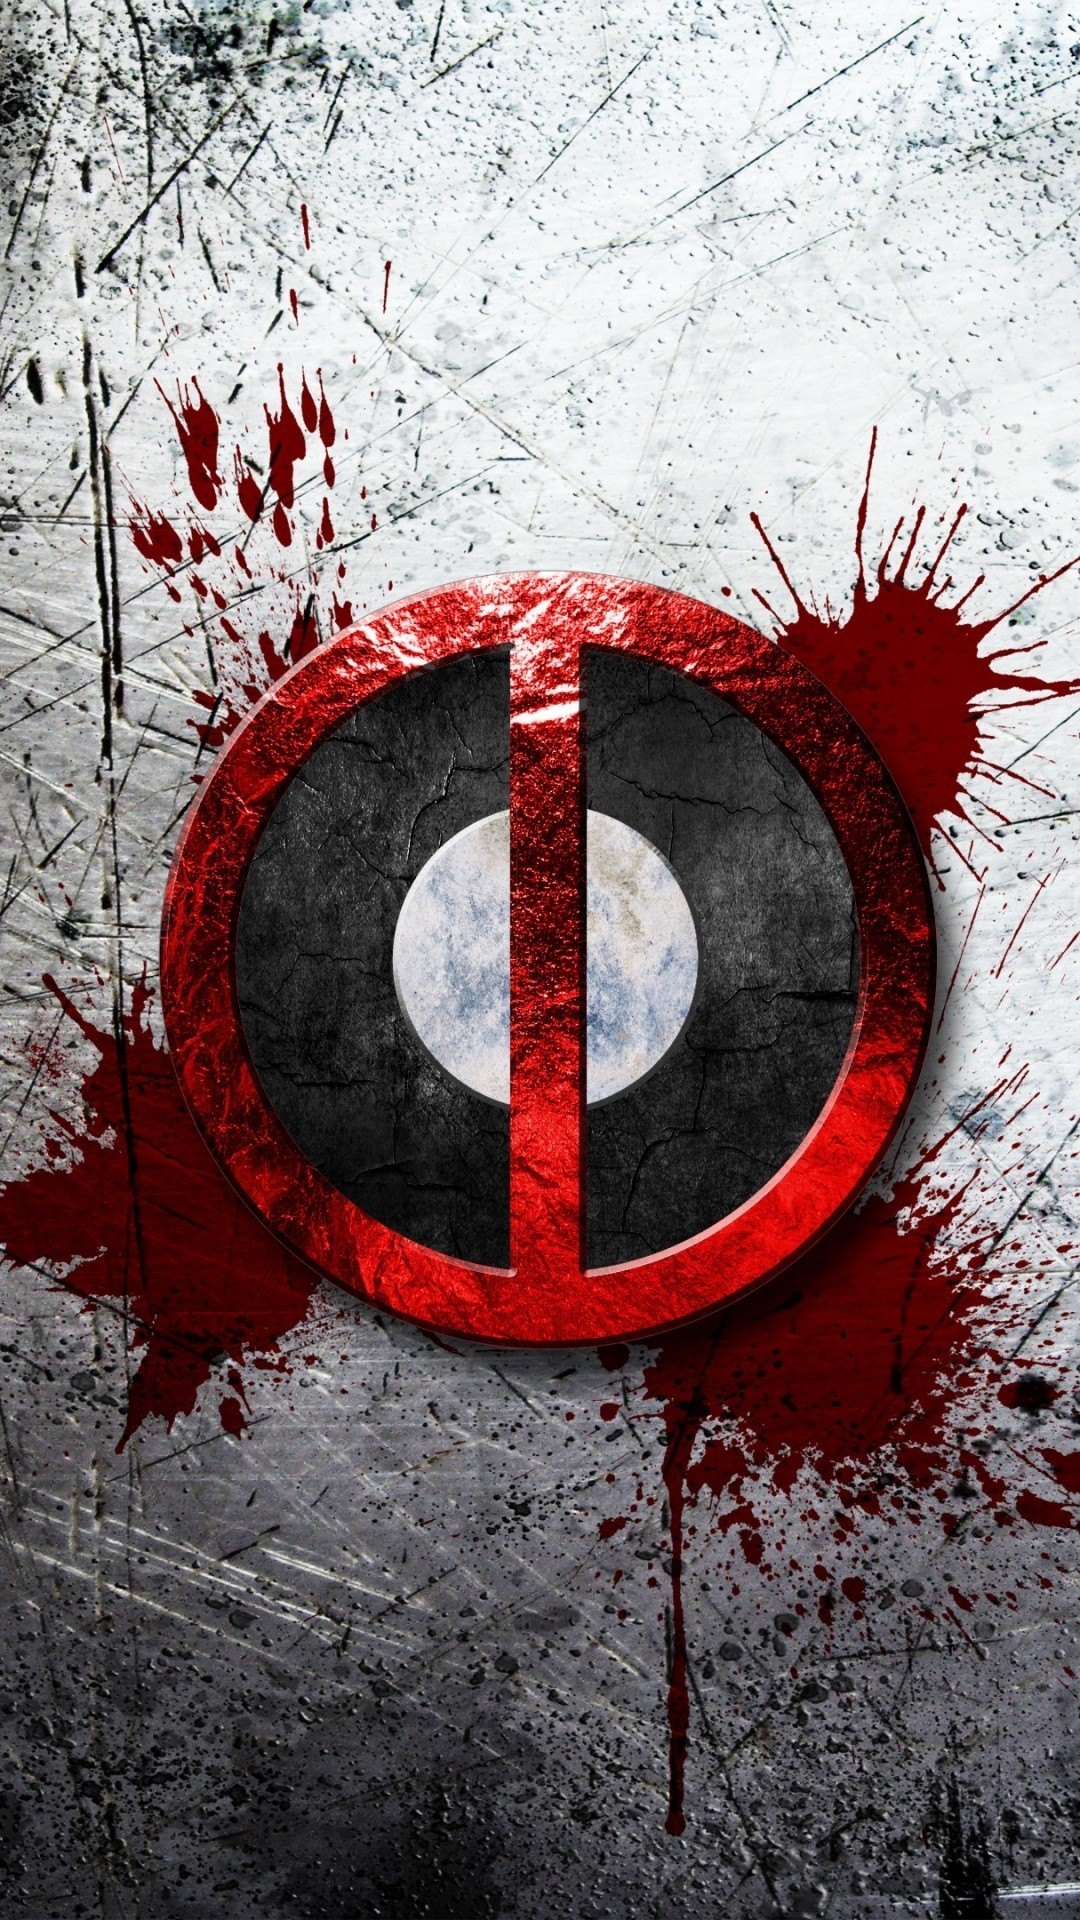 Hd wallpaper upload - Deadpool Blood